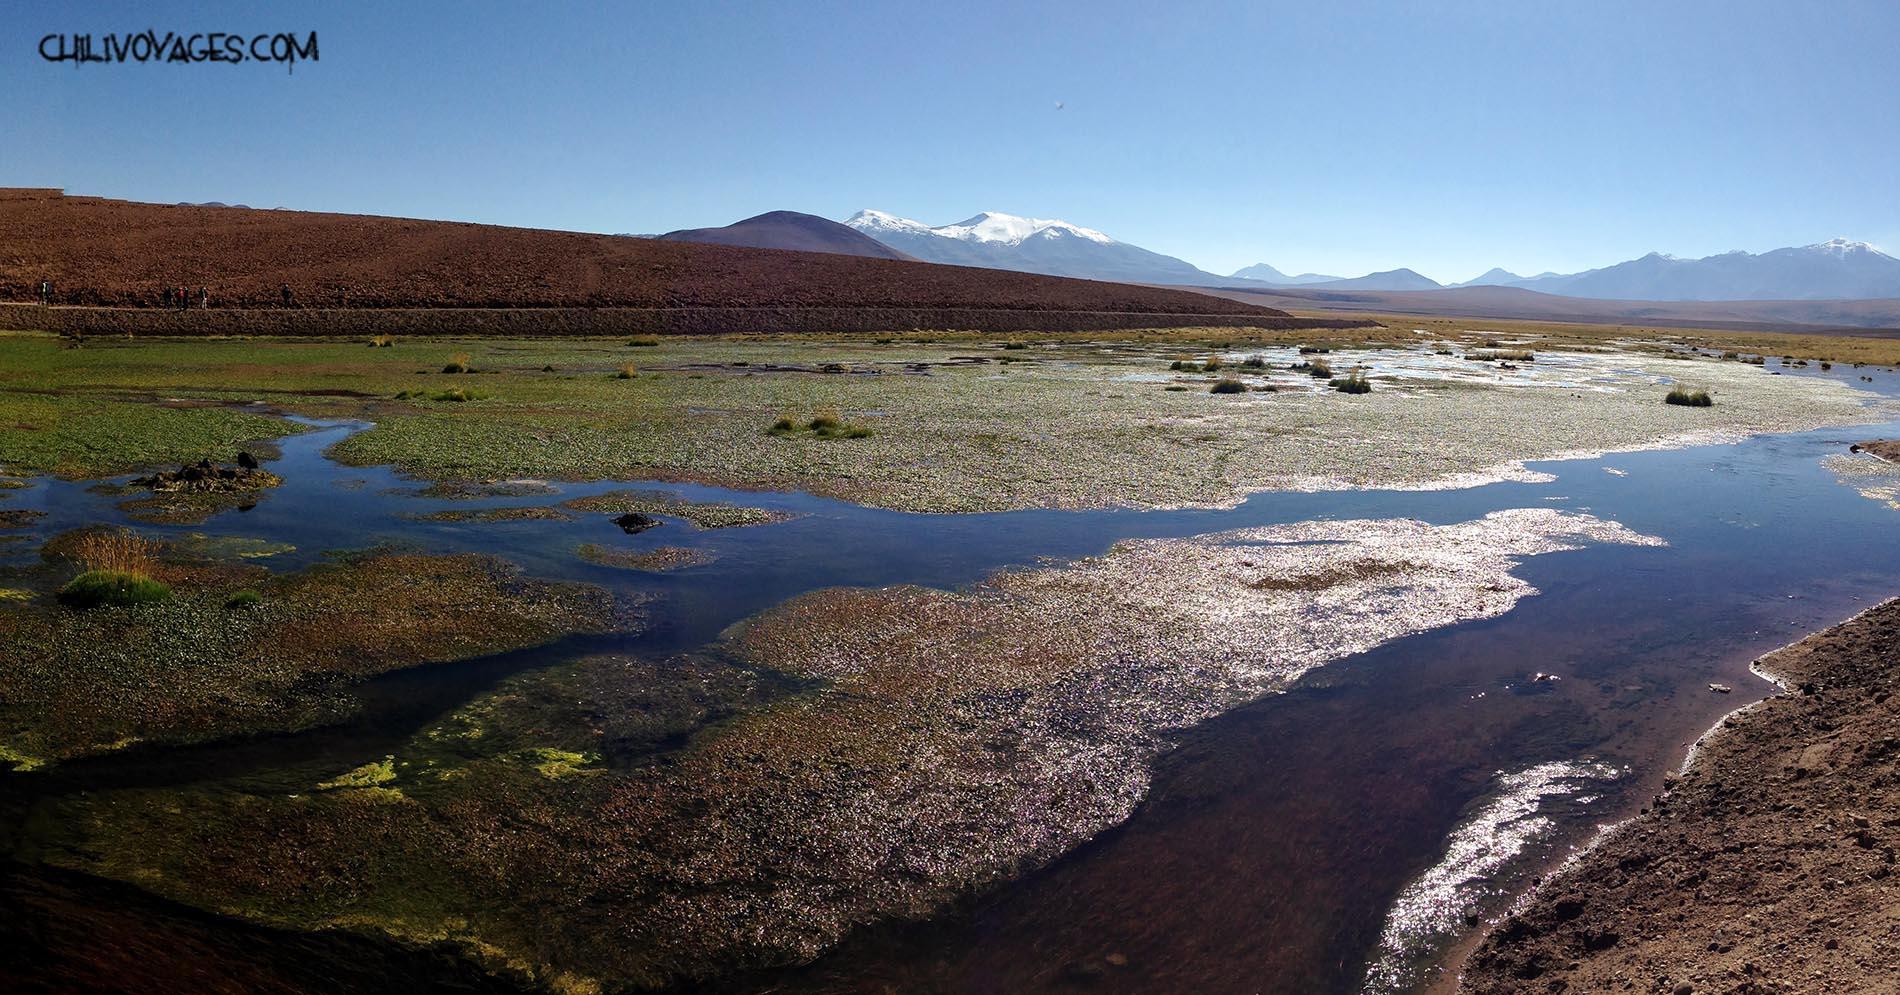 machuca   village typique du nord du chili